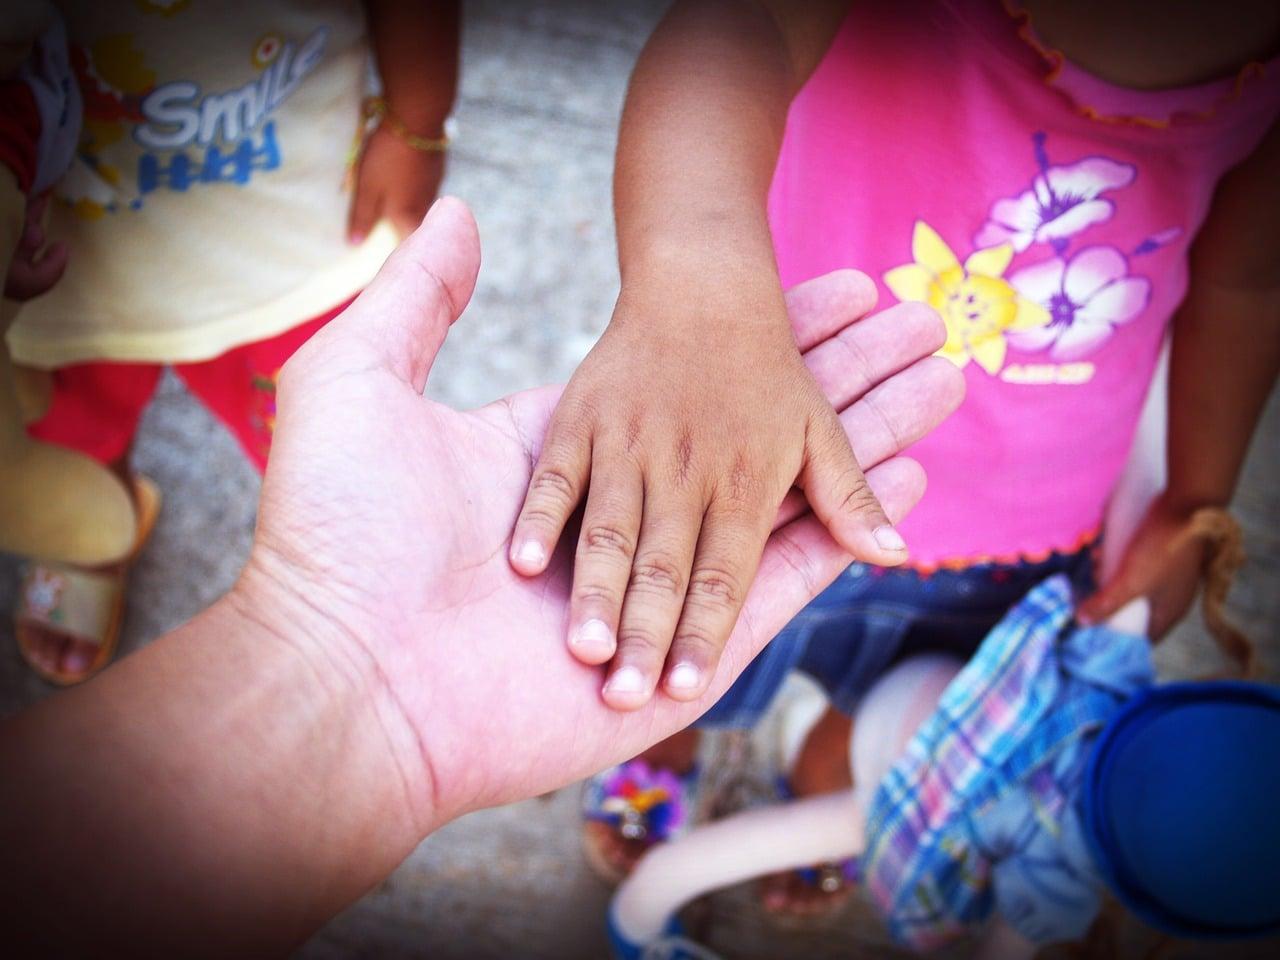 Kinderhand in der Hand eines Erwachsenen